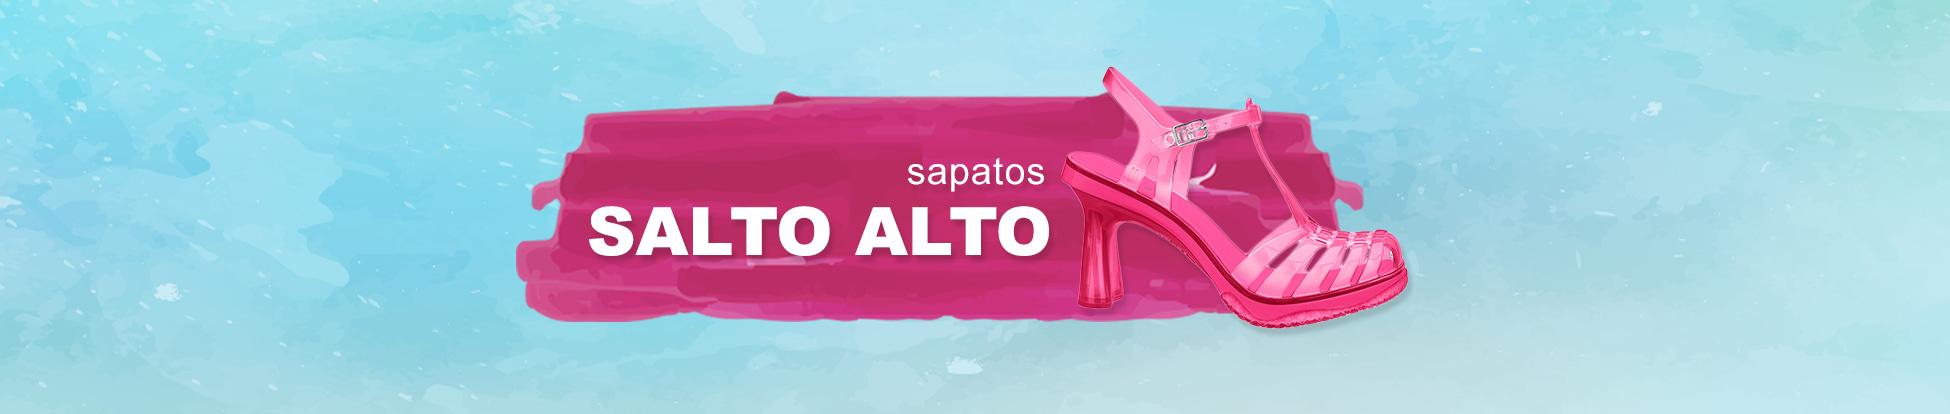 Sapatos - Salto Alto